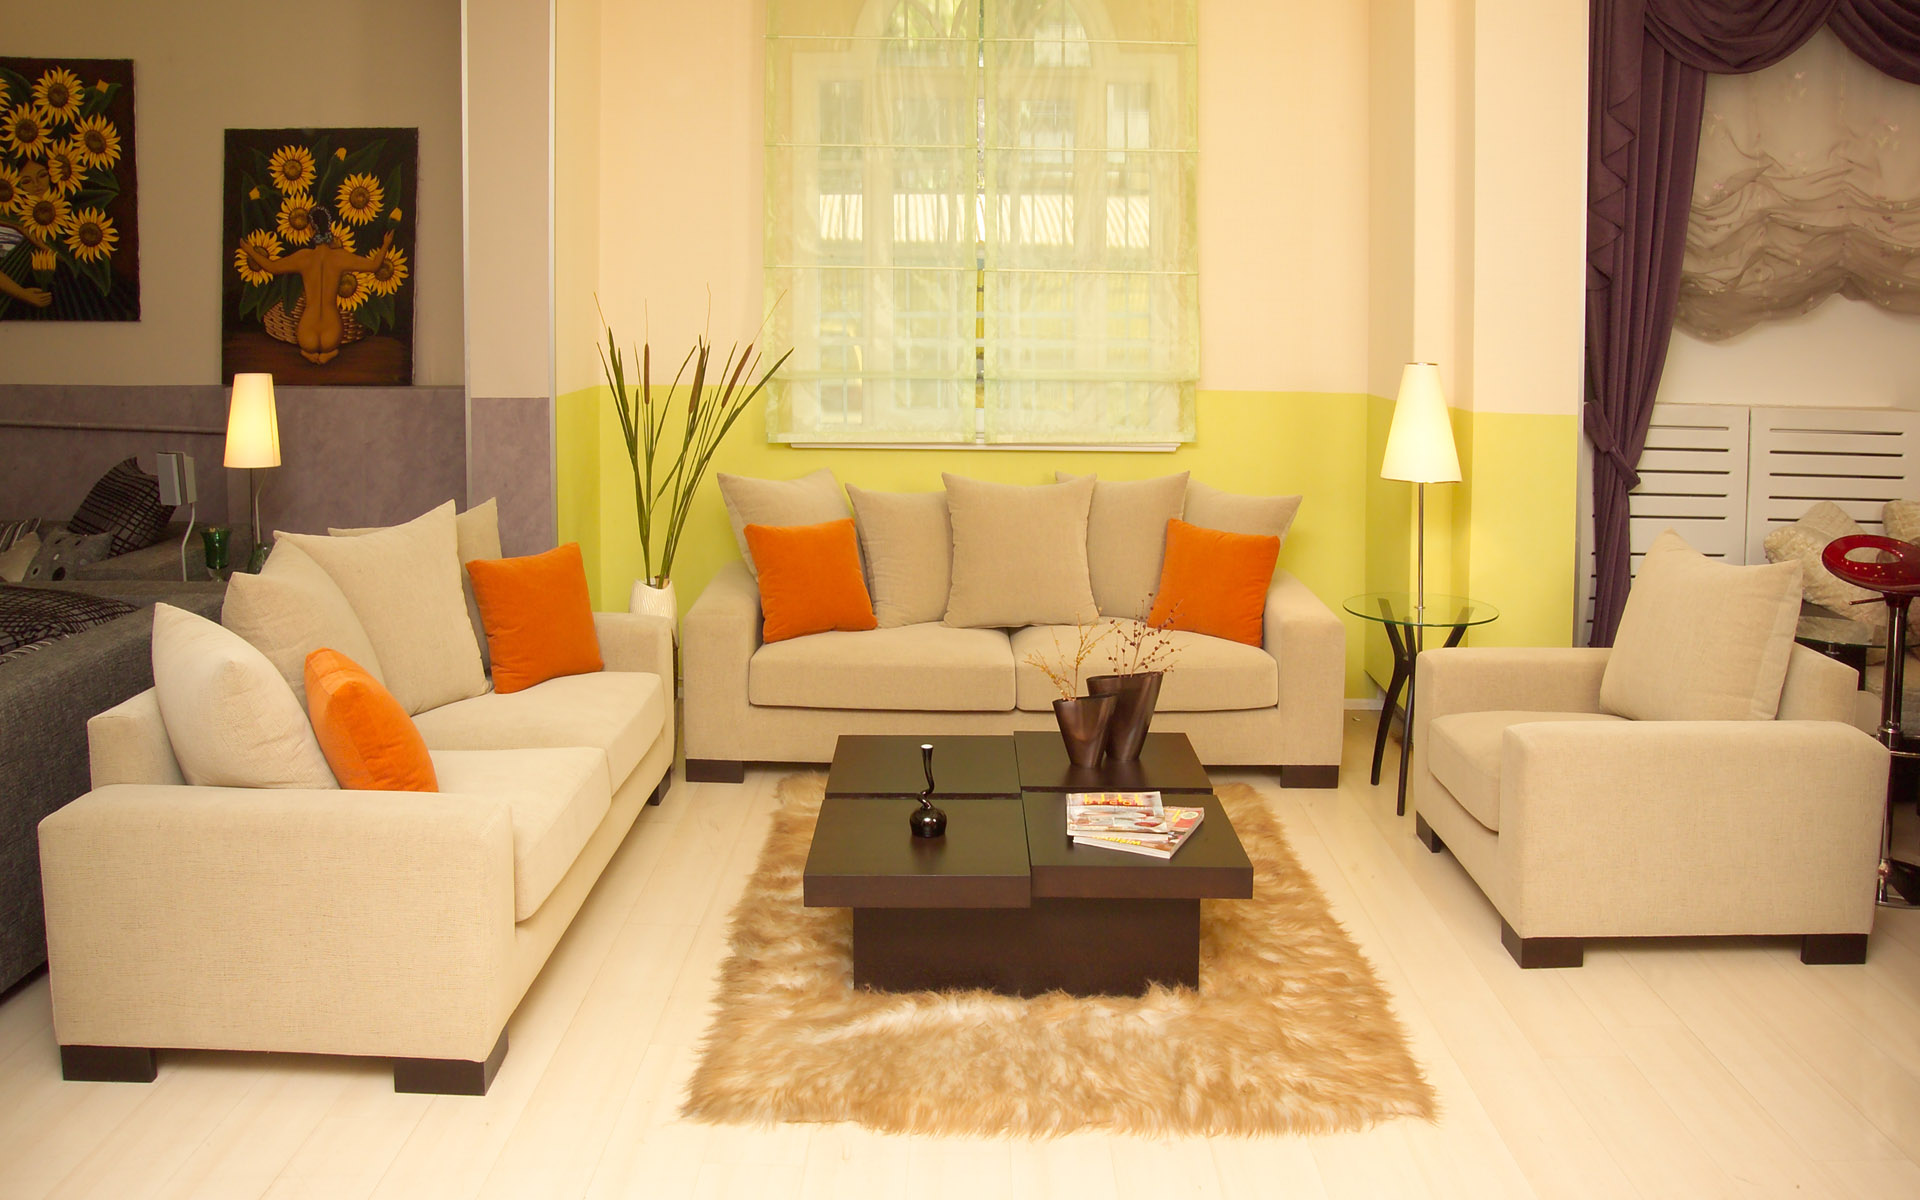 Fotos De Interiores Modernos Decorados ~ Formas De Pintar Paredes Interiores